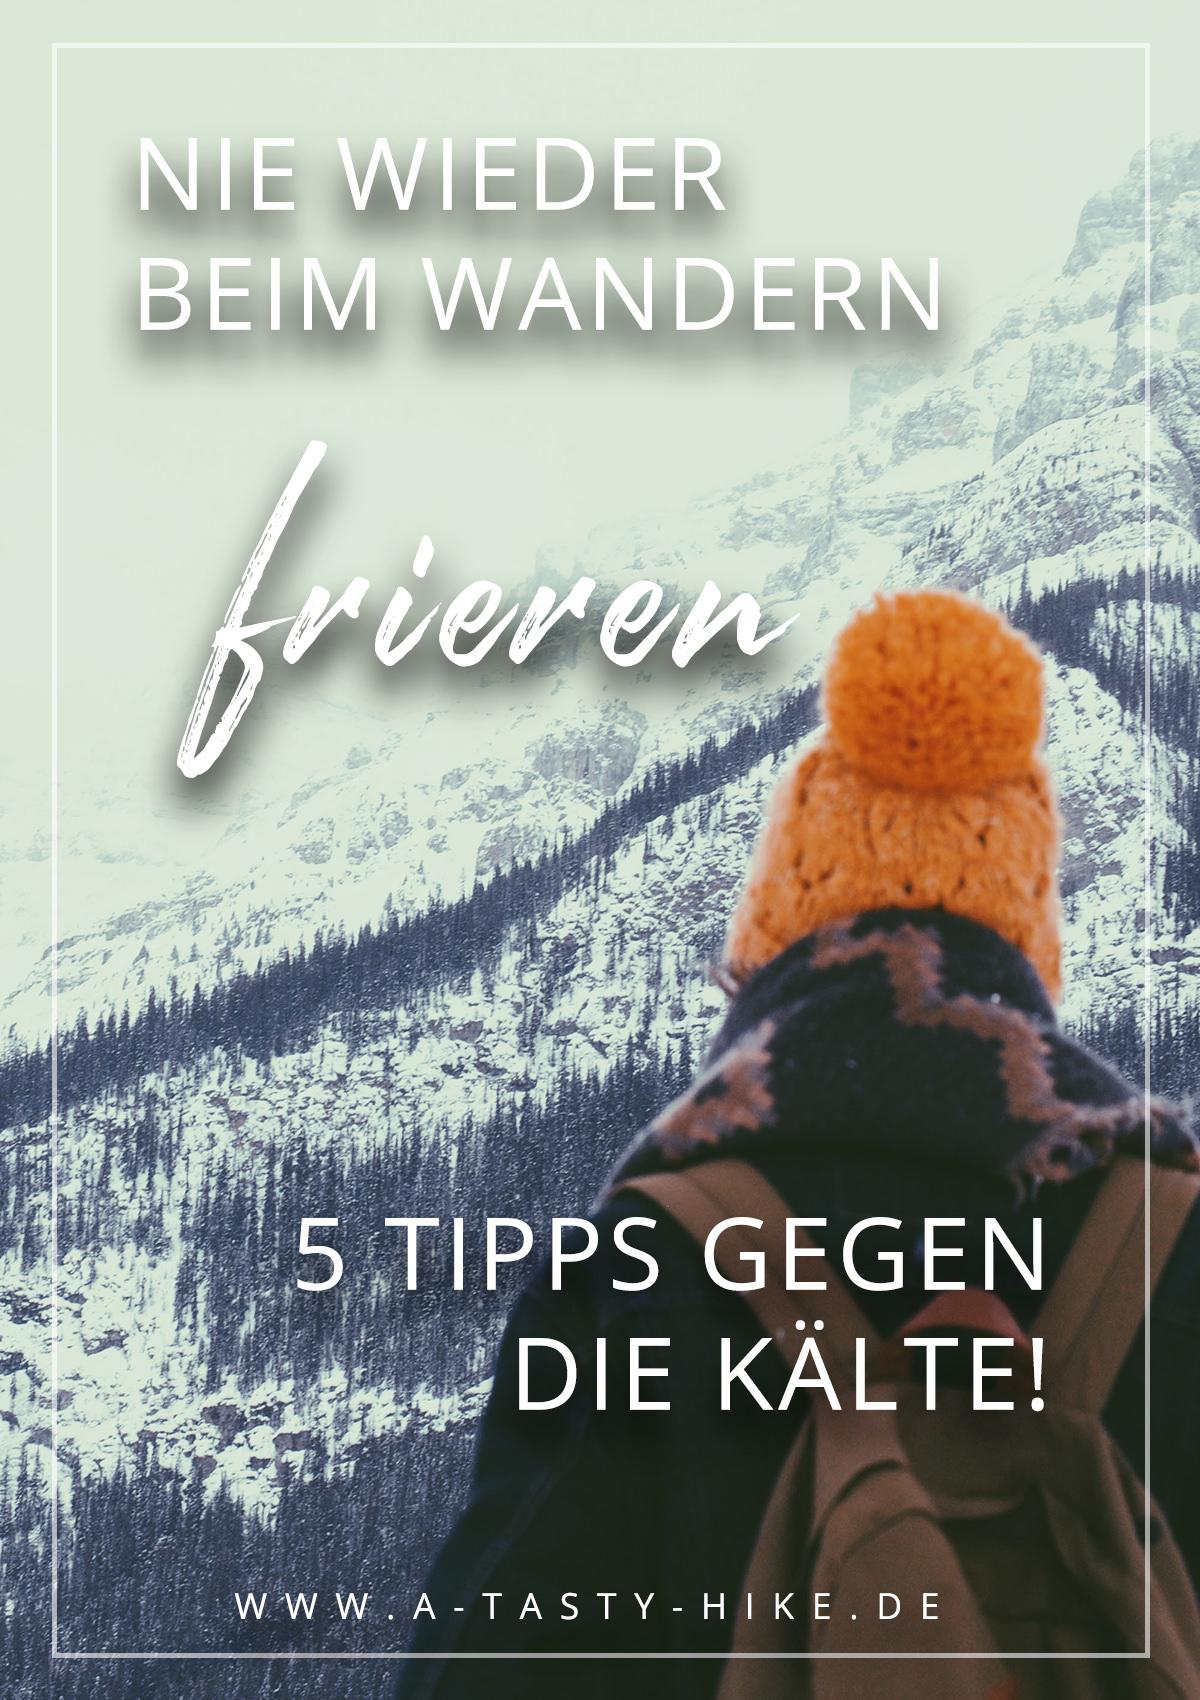 Frieren beim Wandern? Das muss nicht sein! Mit unseren 5 ultimativen Tipps erfährst du, wie dir beim Wandern in Zukunft ganz sicher nicht mehr kalt wird! #Wandern #Winterwandern